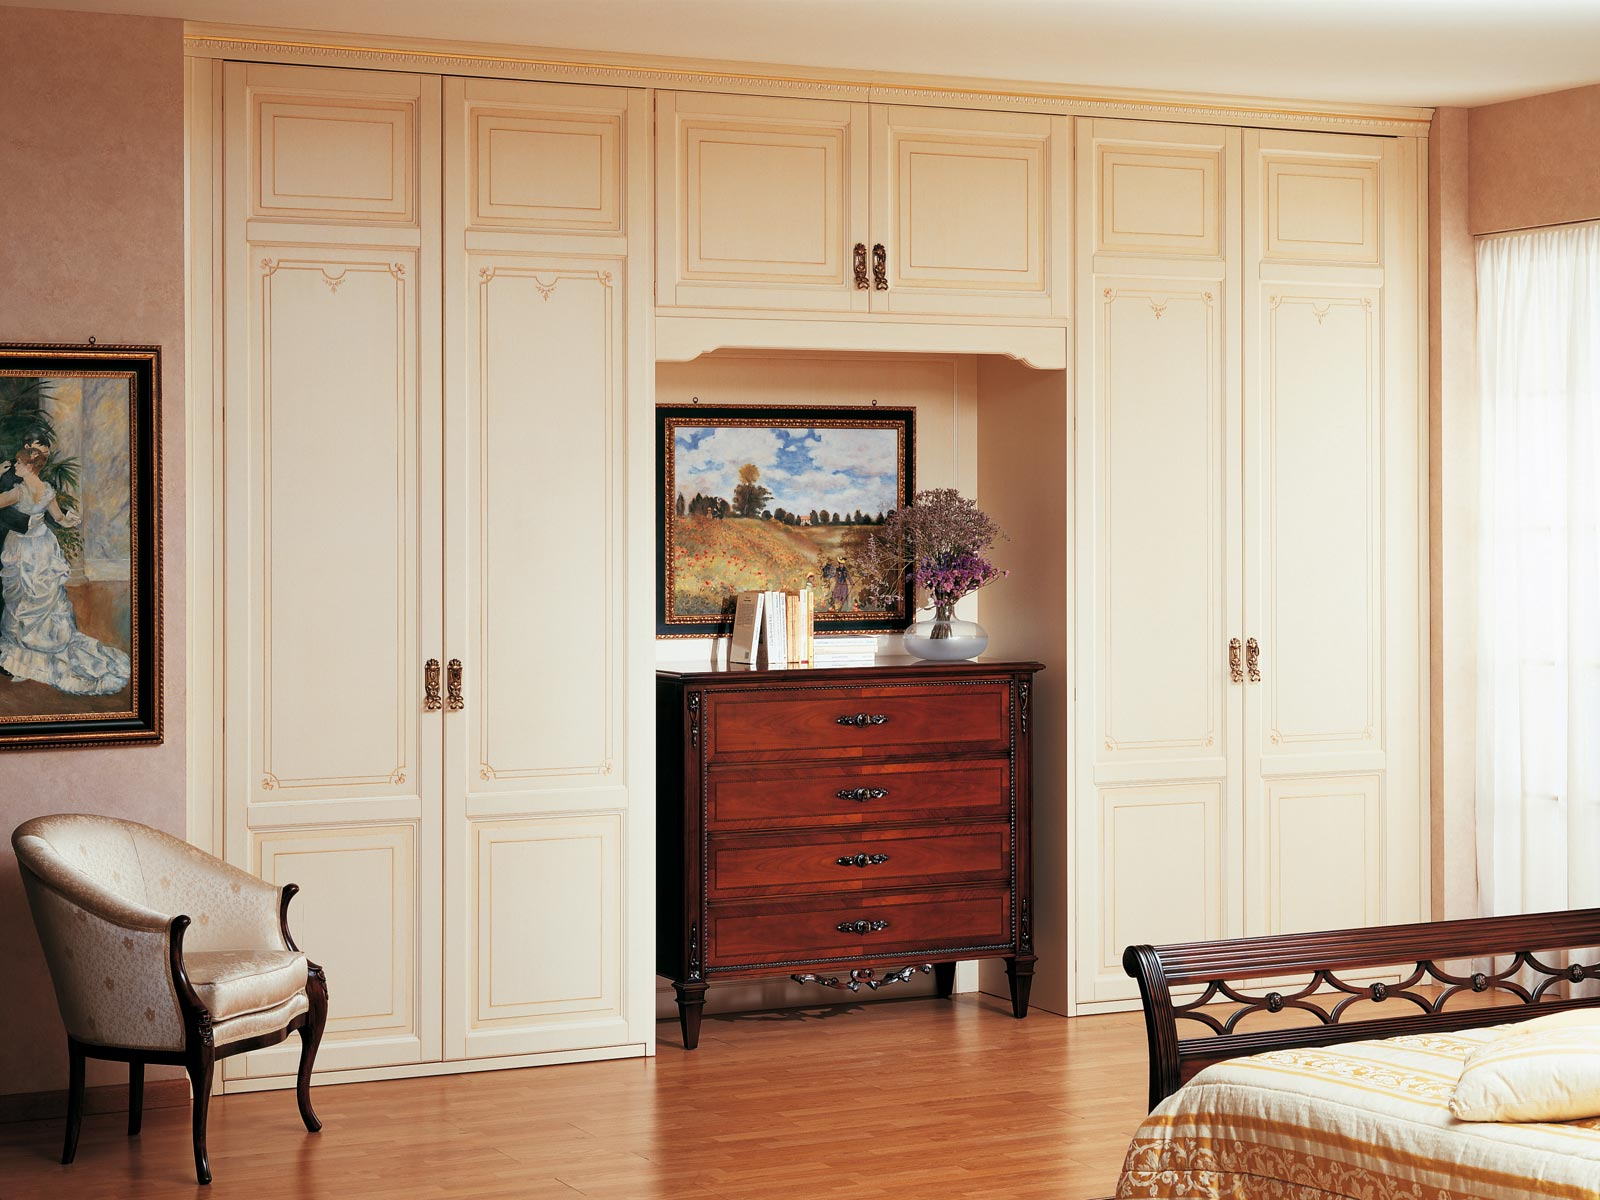 Cucine ikea componibili idee per la casa e l 39 interior for Cucine complete mondo convenienza